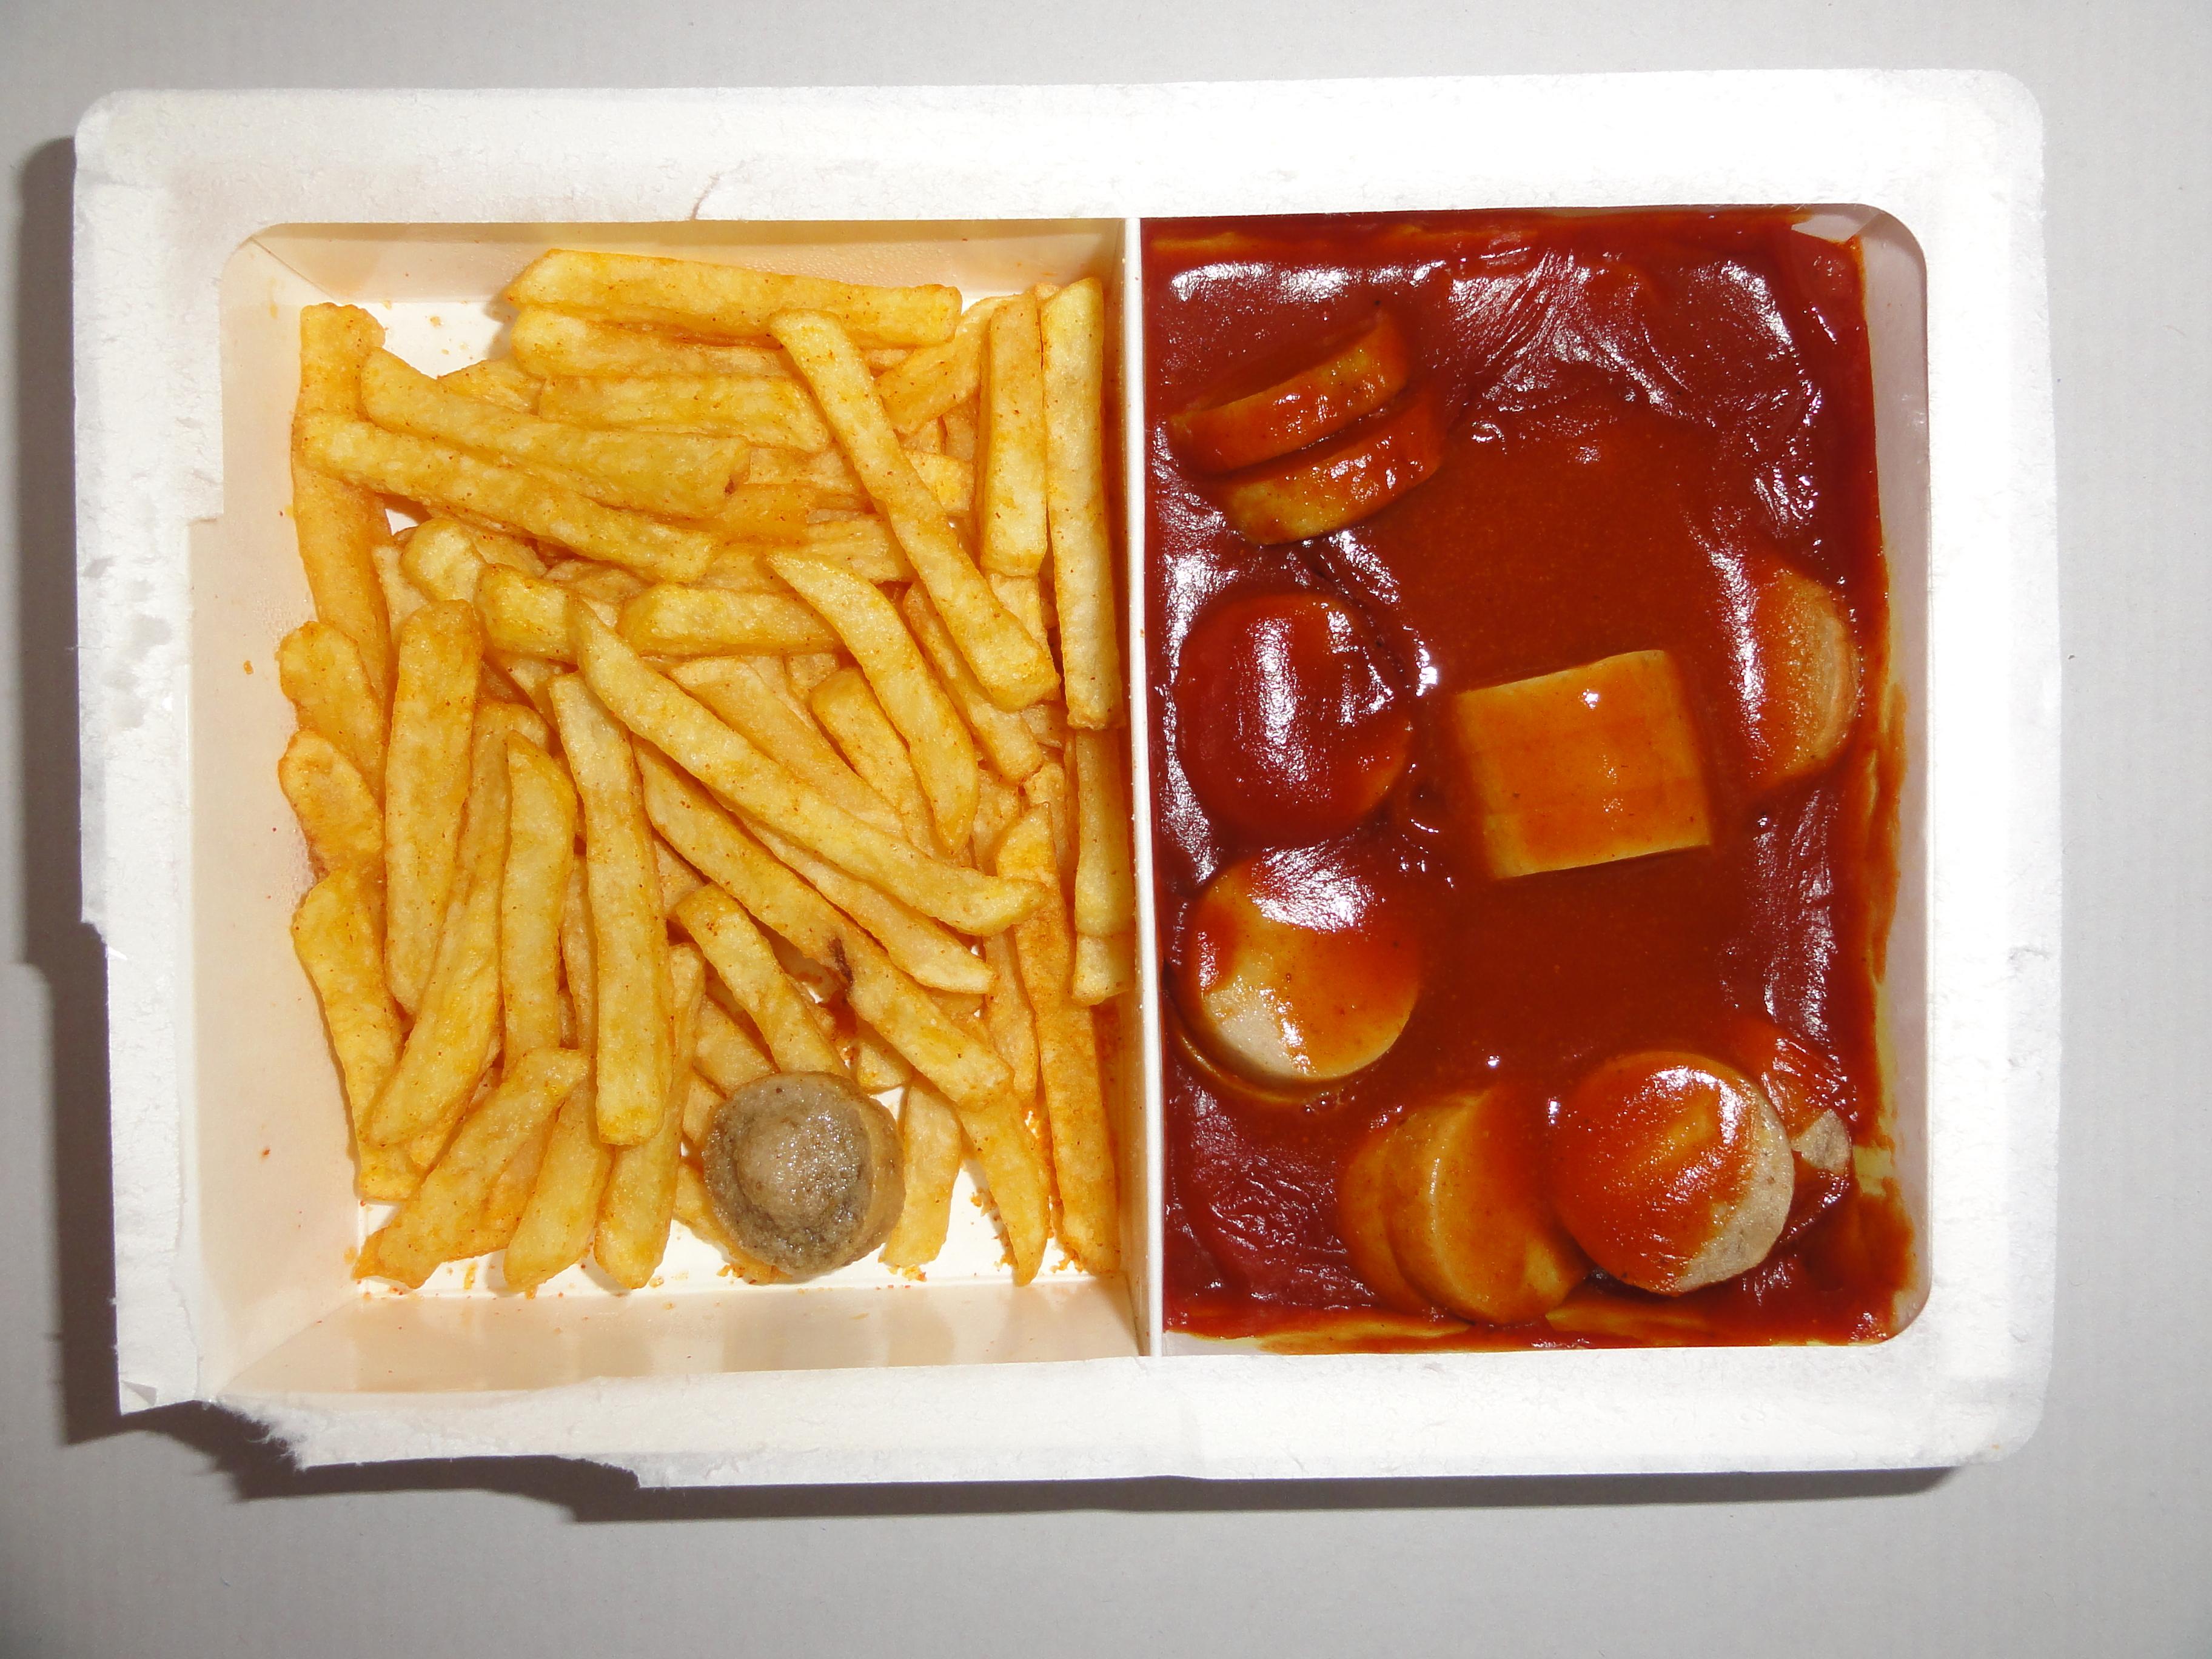 frozen meal wikipedia